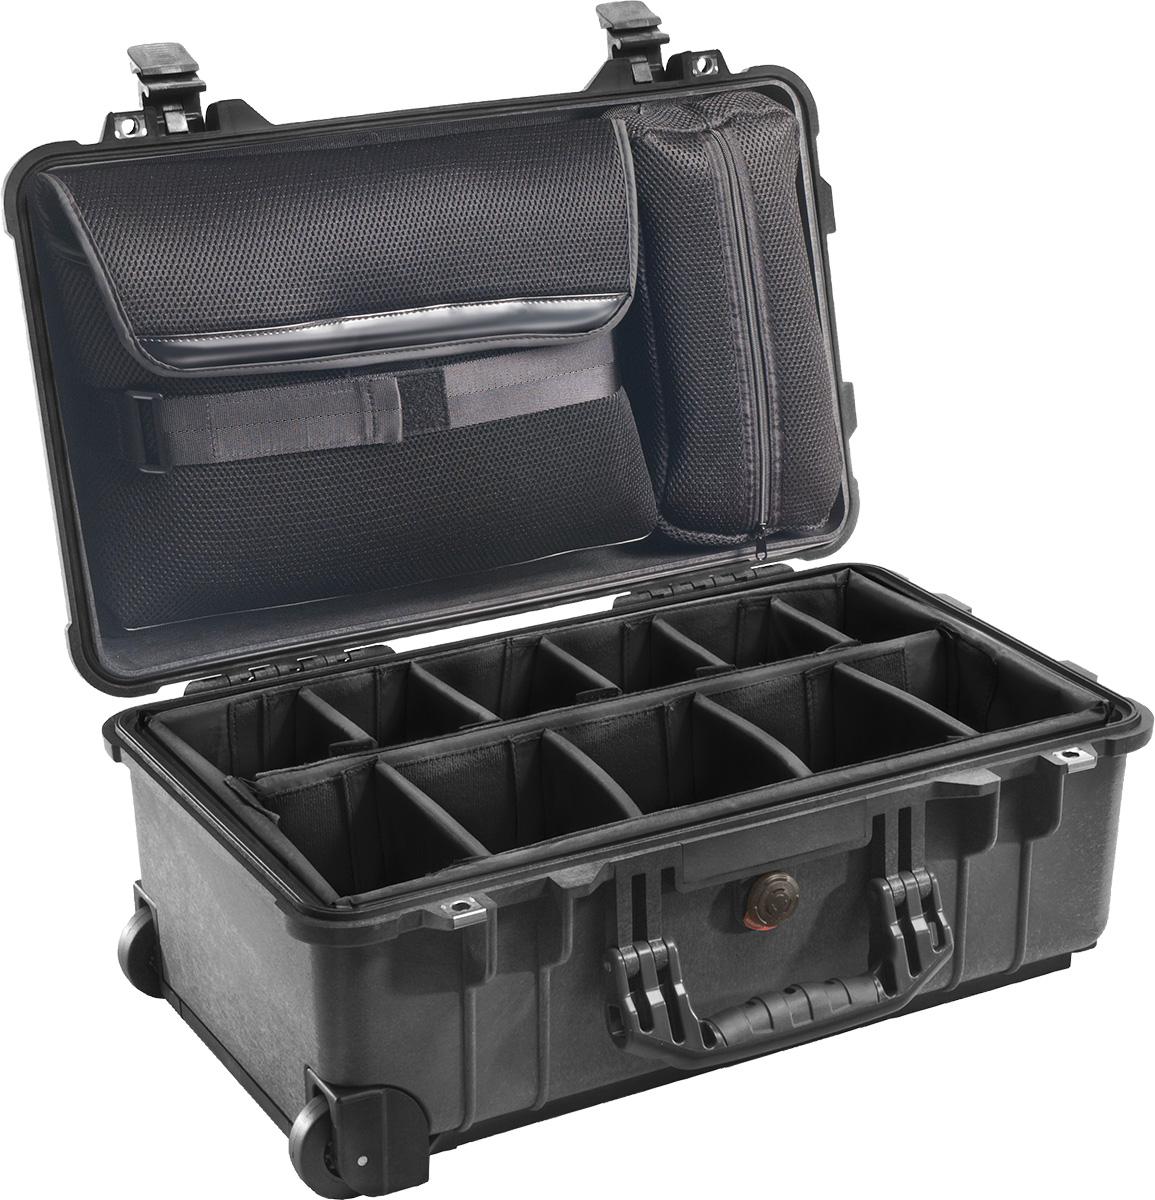 peli 1510sc studio camera case with dividers